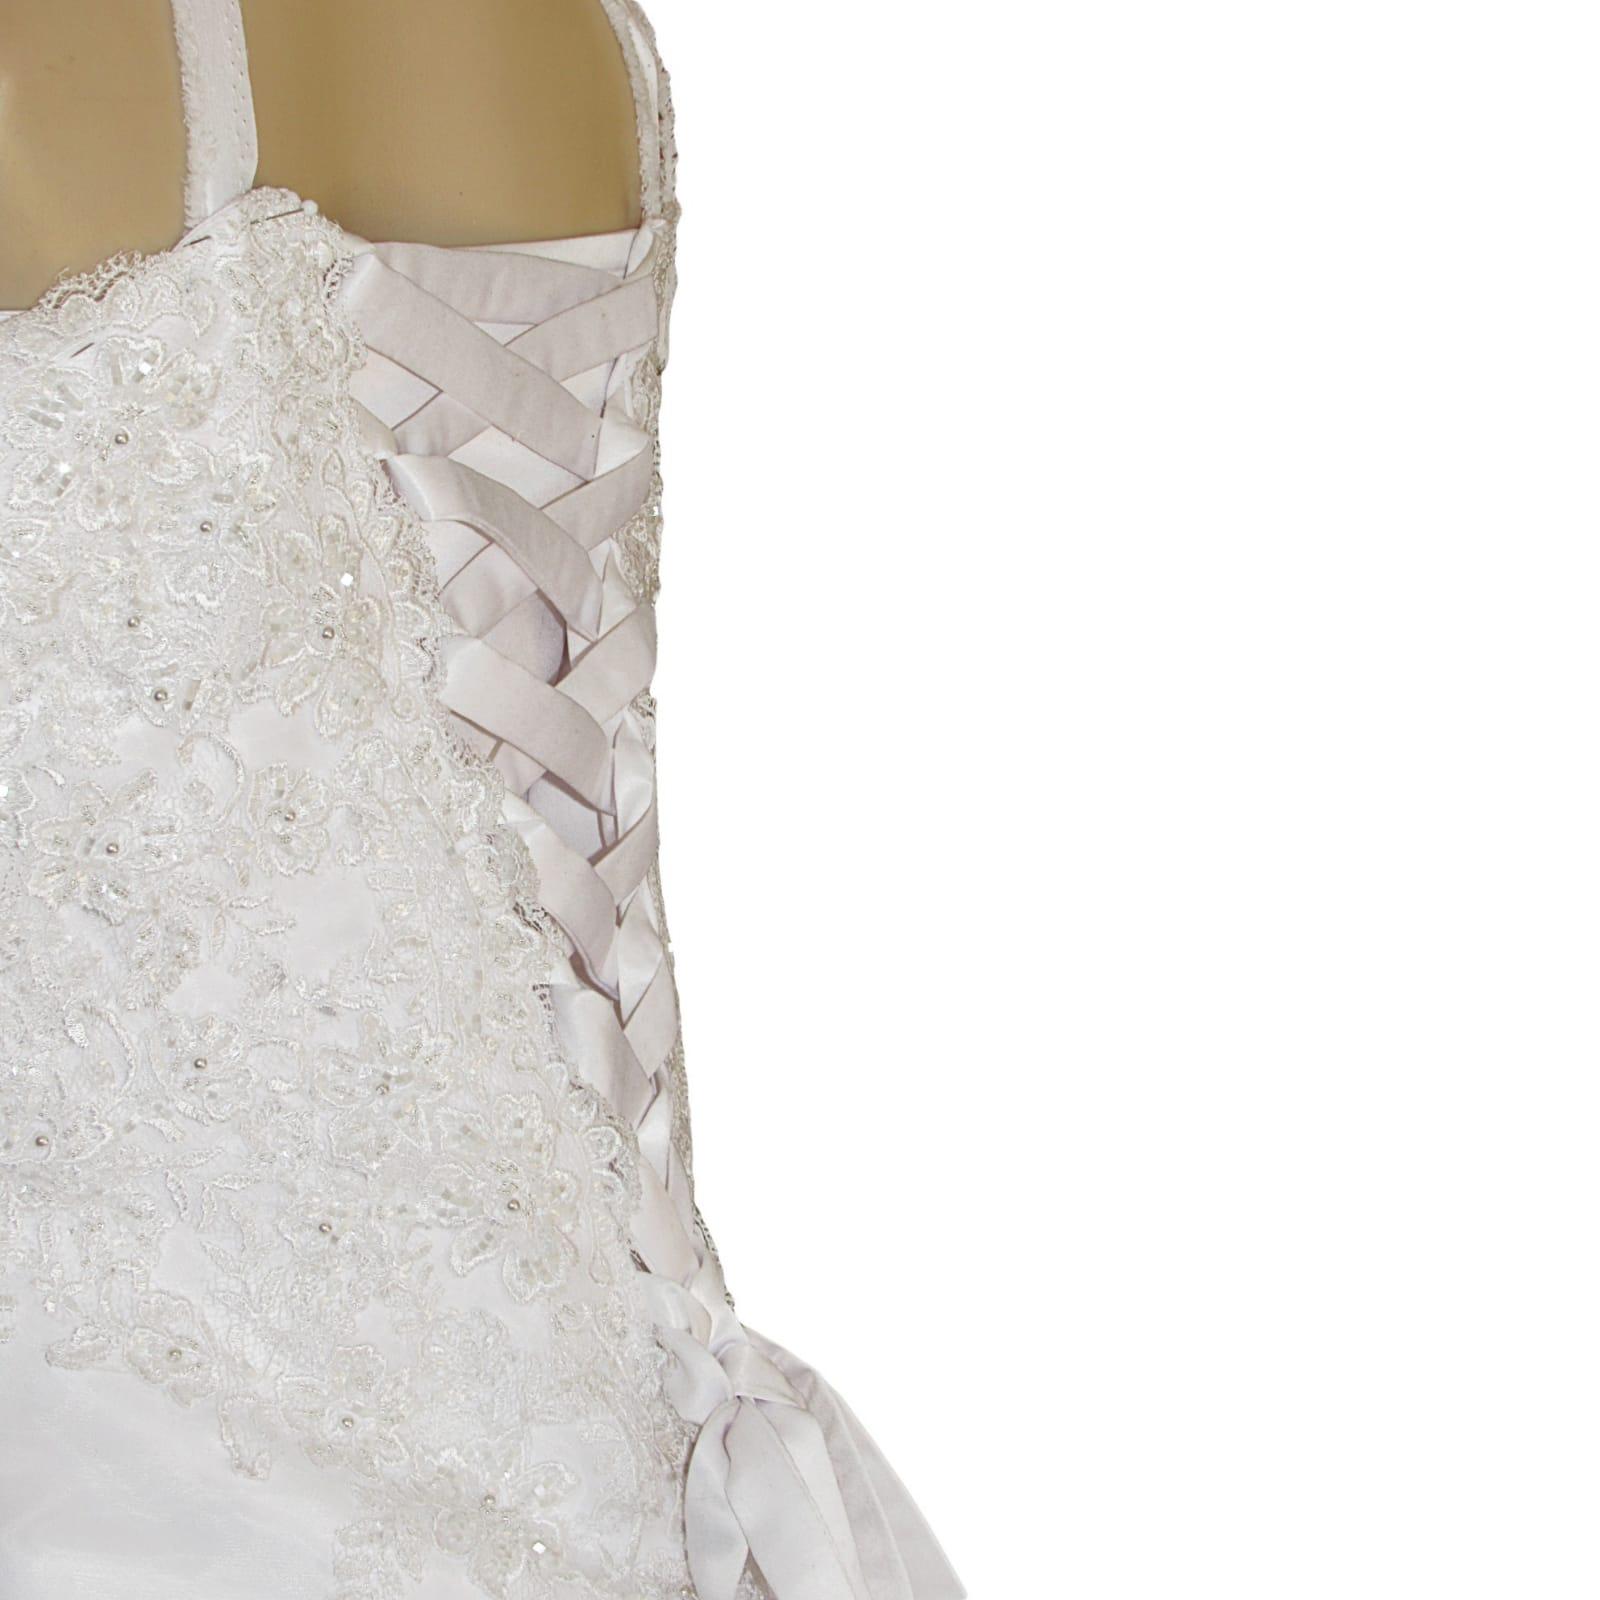 Organza vestido de noiva branco 9 vestido de baile de casamento branco de organza, sem ombros. Corpete detalhado com renda. De costas com cordões. Com um cauda e ombro organza plissada detalhadas com rendas. Com véu.